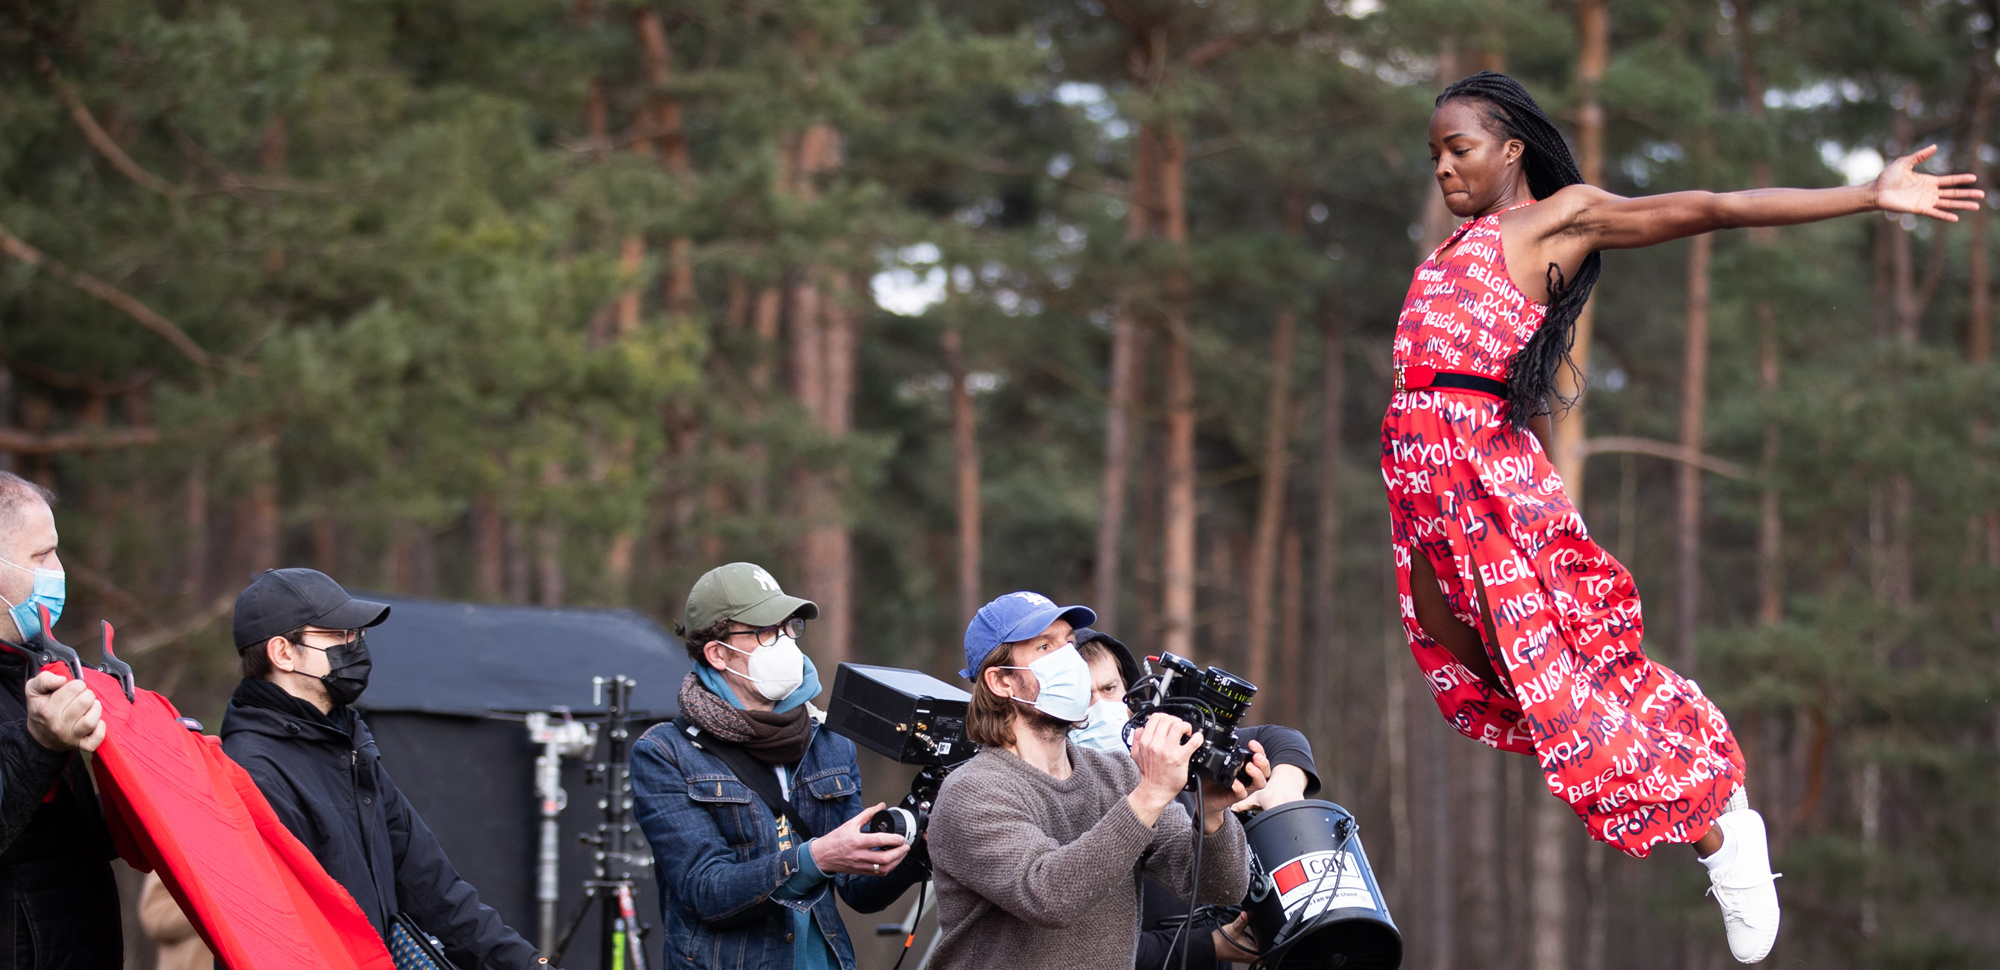 Cynthia Bolingo pendant le tournage du clip Catwalk to Tokyo du Comité olympique belge, pour présenter l'équipe d'athlètes chargés de représenter la Belgique, Belga Images